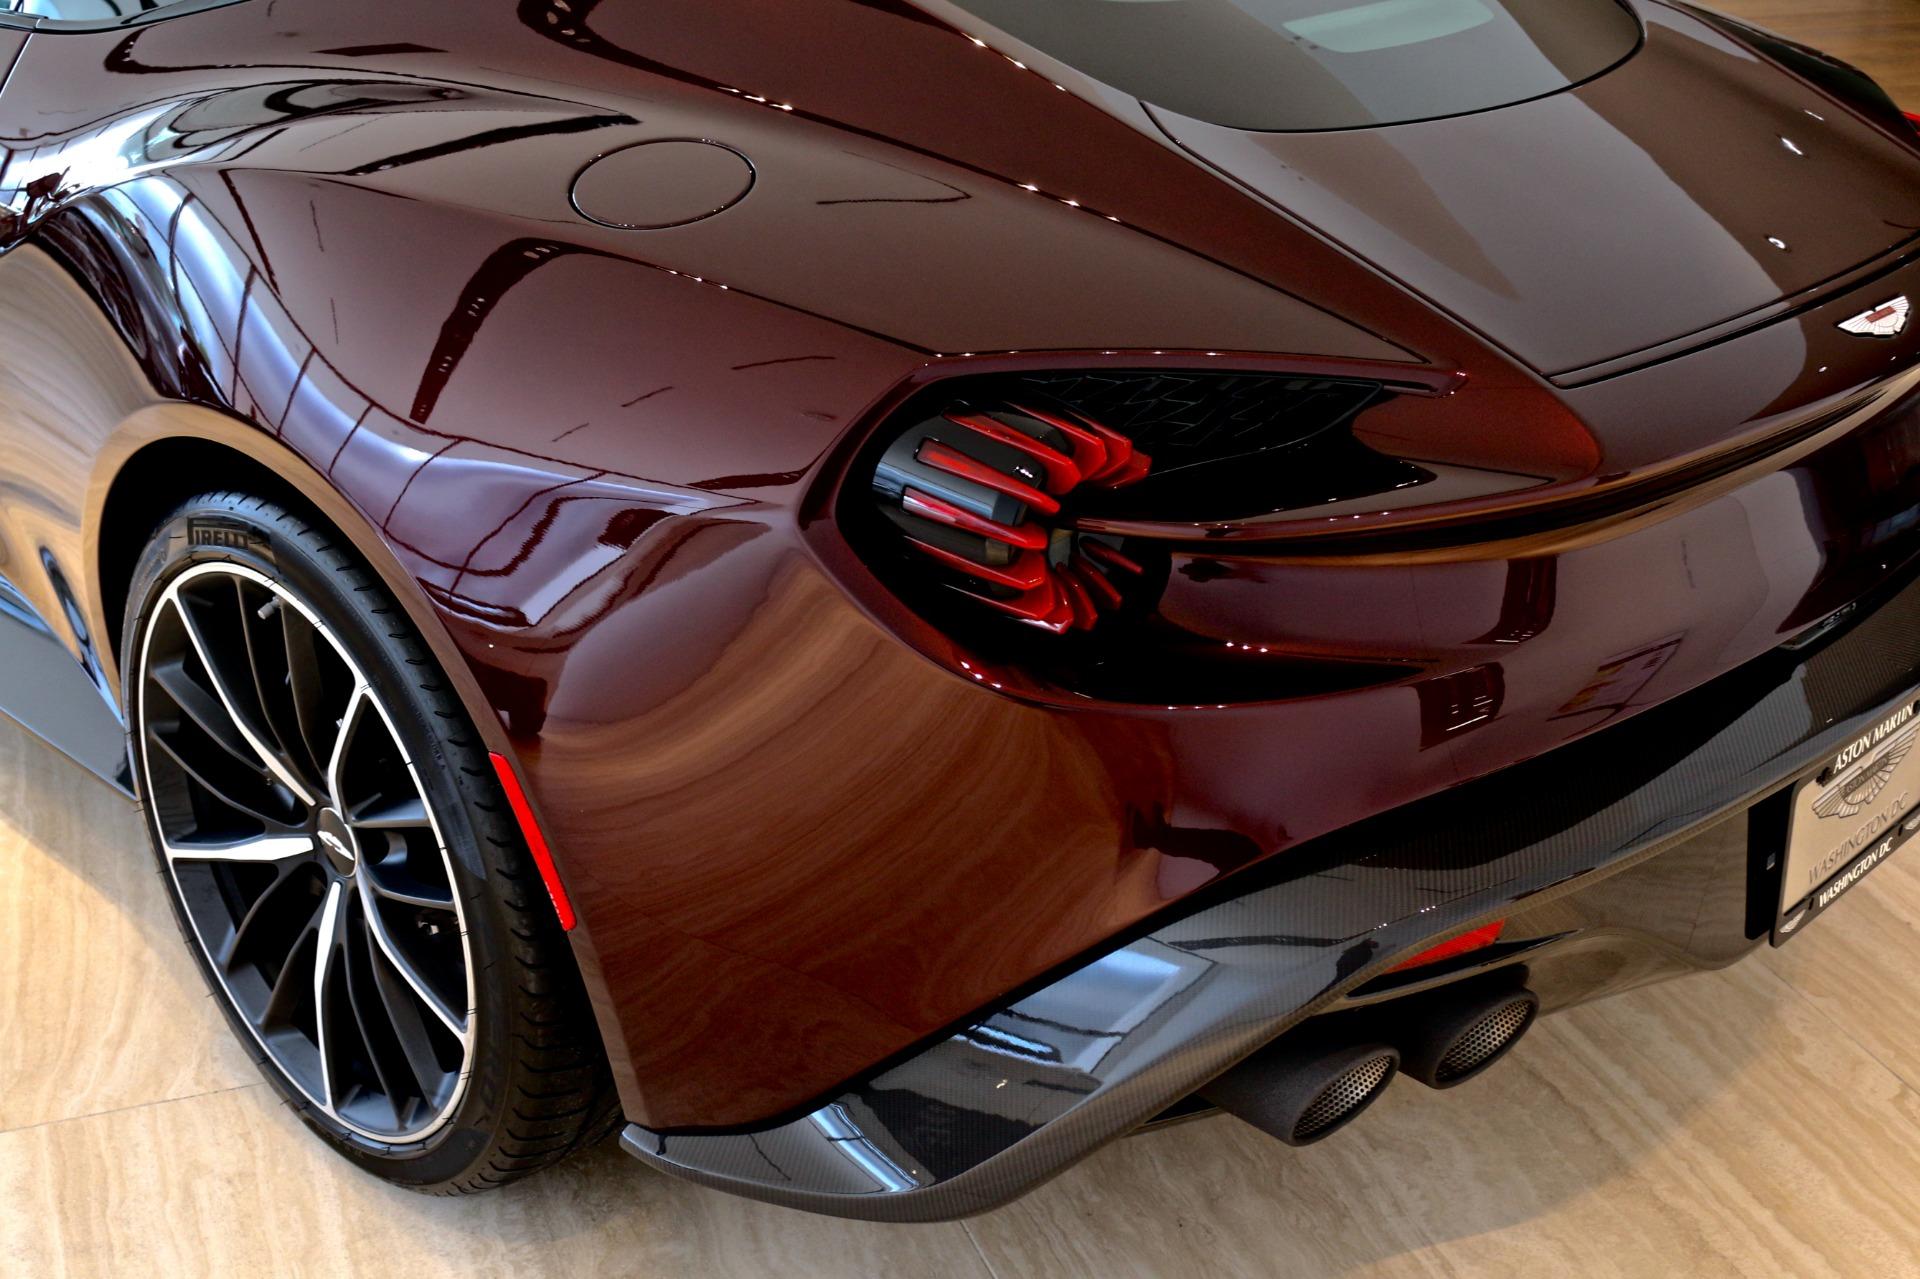 Used-2018-Aston-Martin-VANQUISH-ZAGATO-COUPE--7899